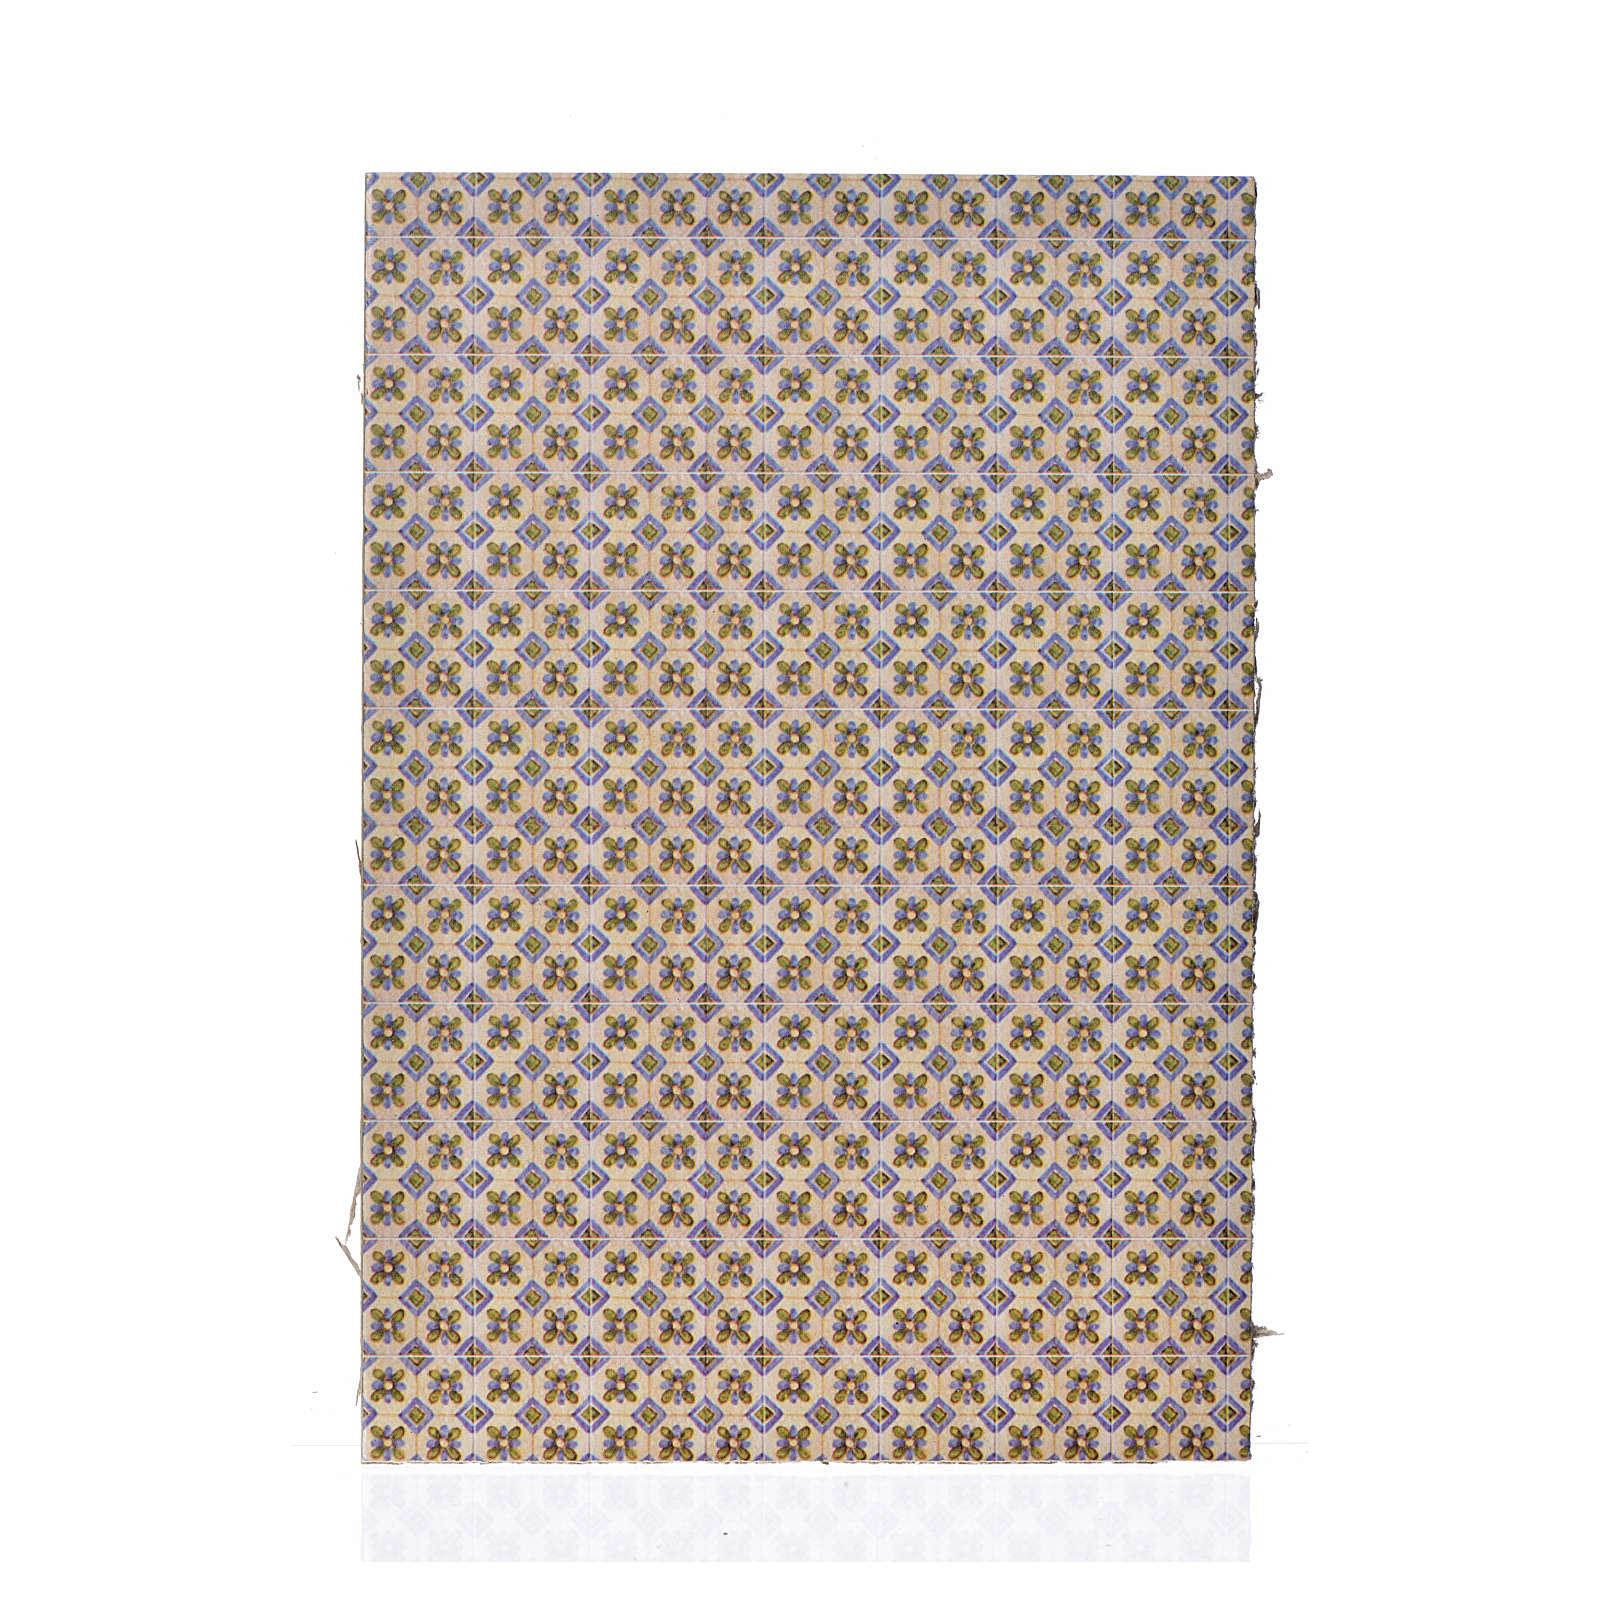 Papier podłoga kwiaty 24x16.5 cm 4